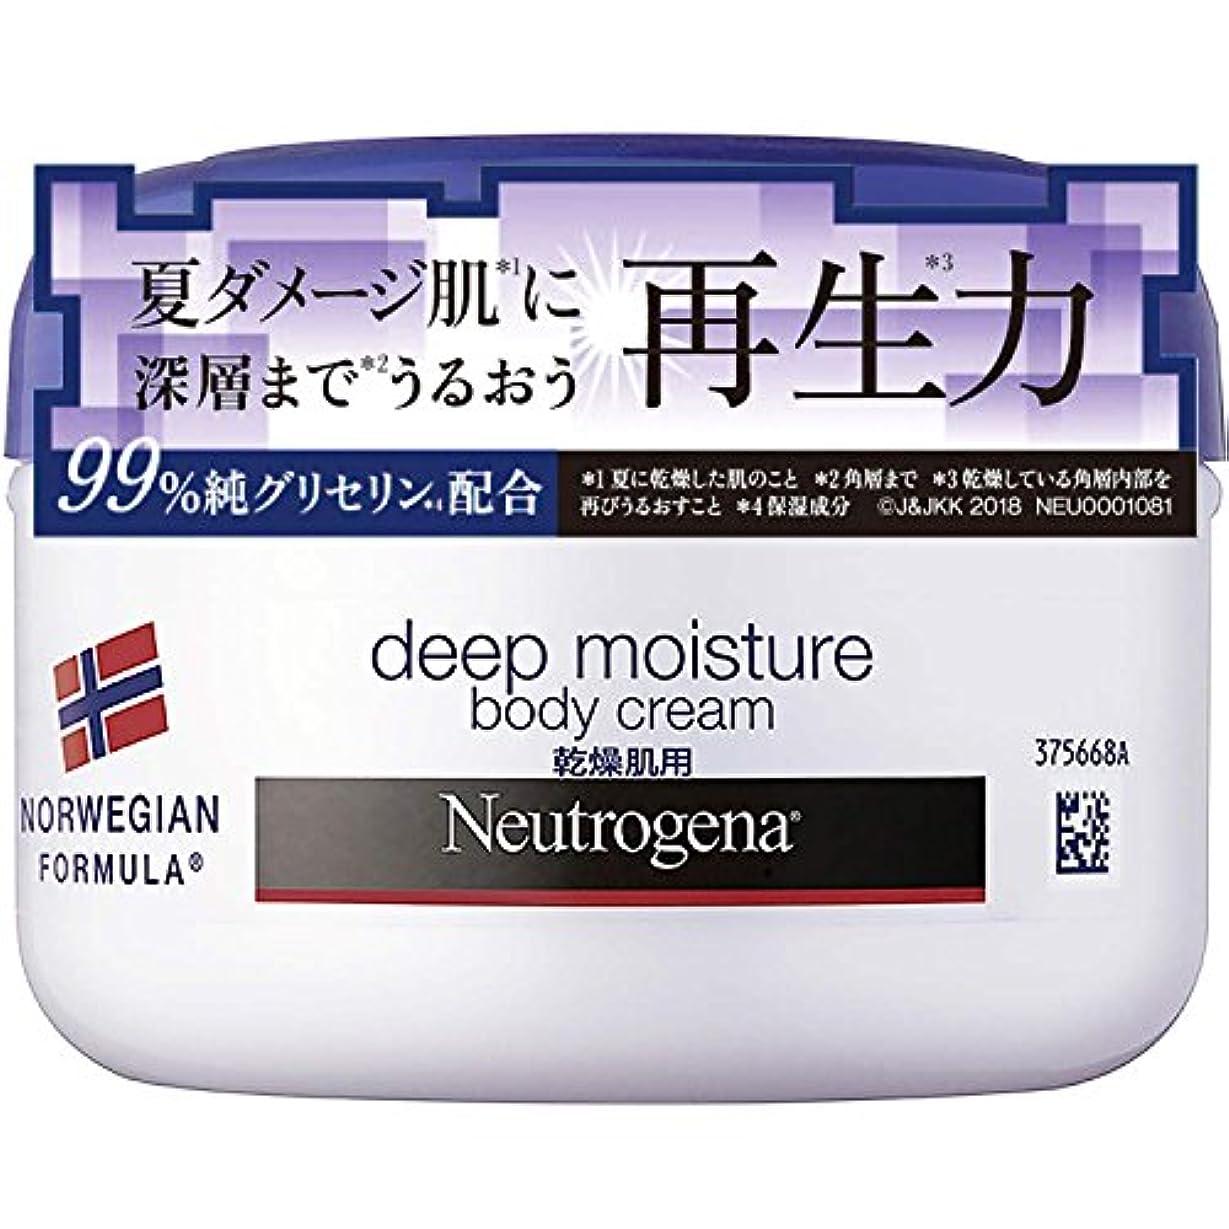 忘れられない汚物上にNeutrogena(ニュートロジーナ) ノルウェーフォーミュラ ディープモイスチャー ボディクリーム 乾燥肌用 微香性 200ml